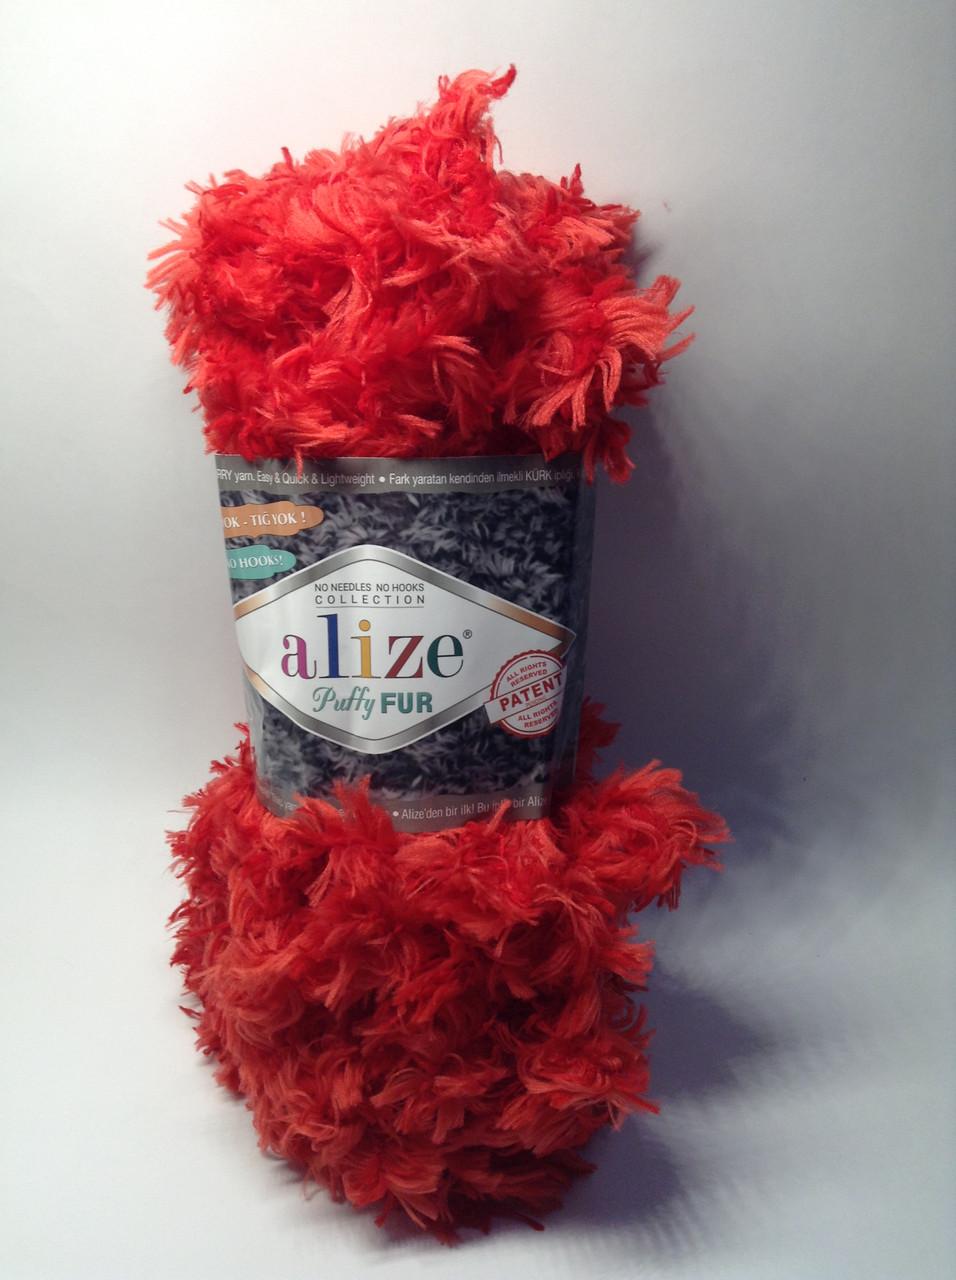 Пряжа для в'язання руками без спиць Puffy Fur Alize (100 грам - 6 метрів)